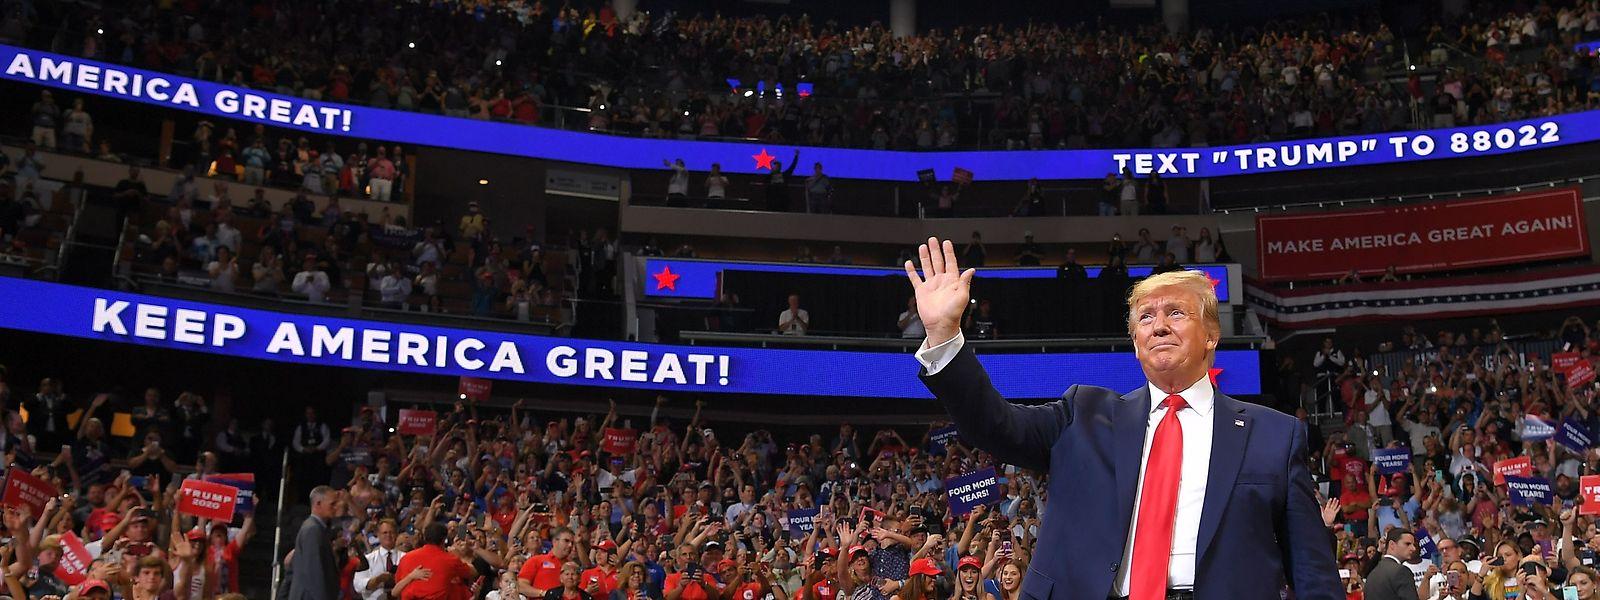 """Der Populisten-Präsident setzt auf Bewährtes. Seine Rede gleicht einem """"Best of"""" seiner eingängigsten Parolen."""